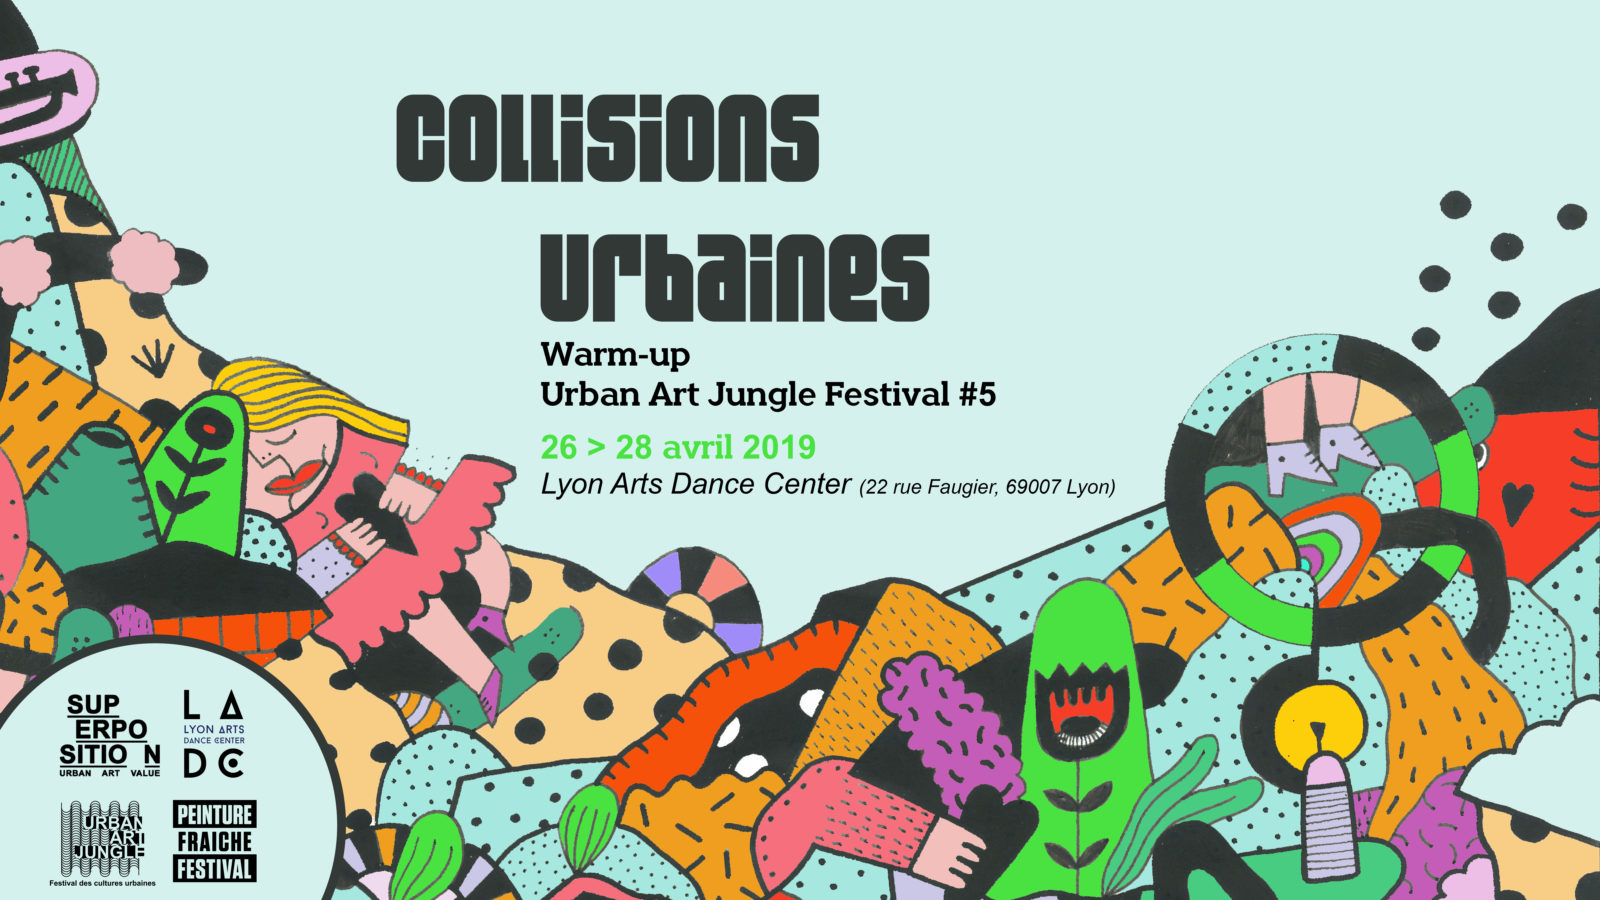 [Festival] Collisions Urbaines